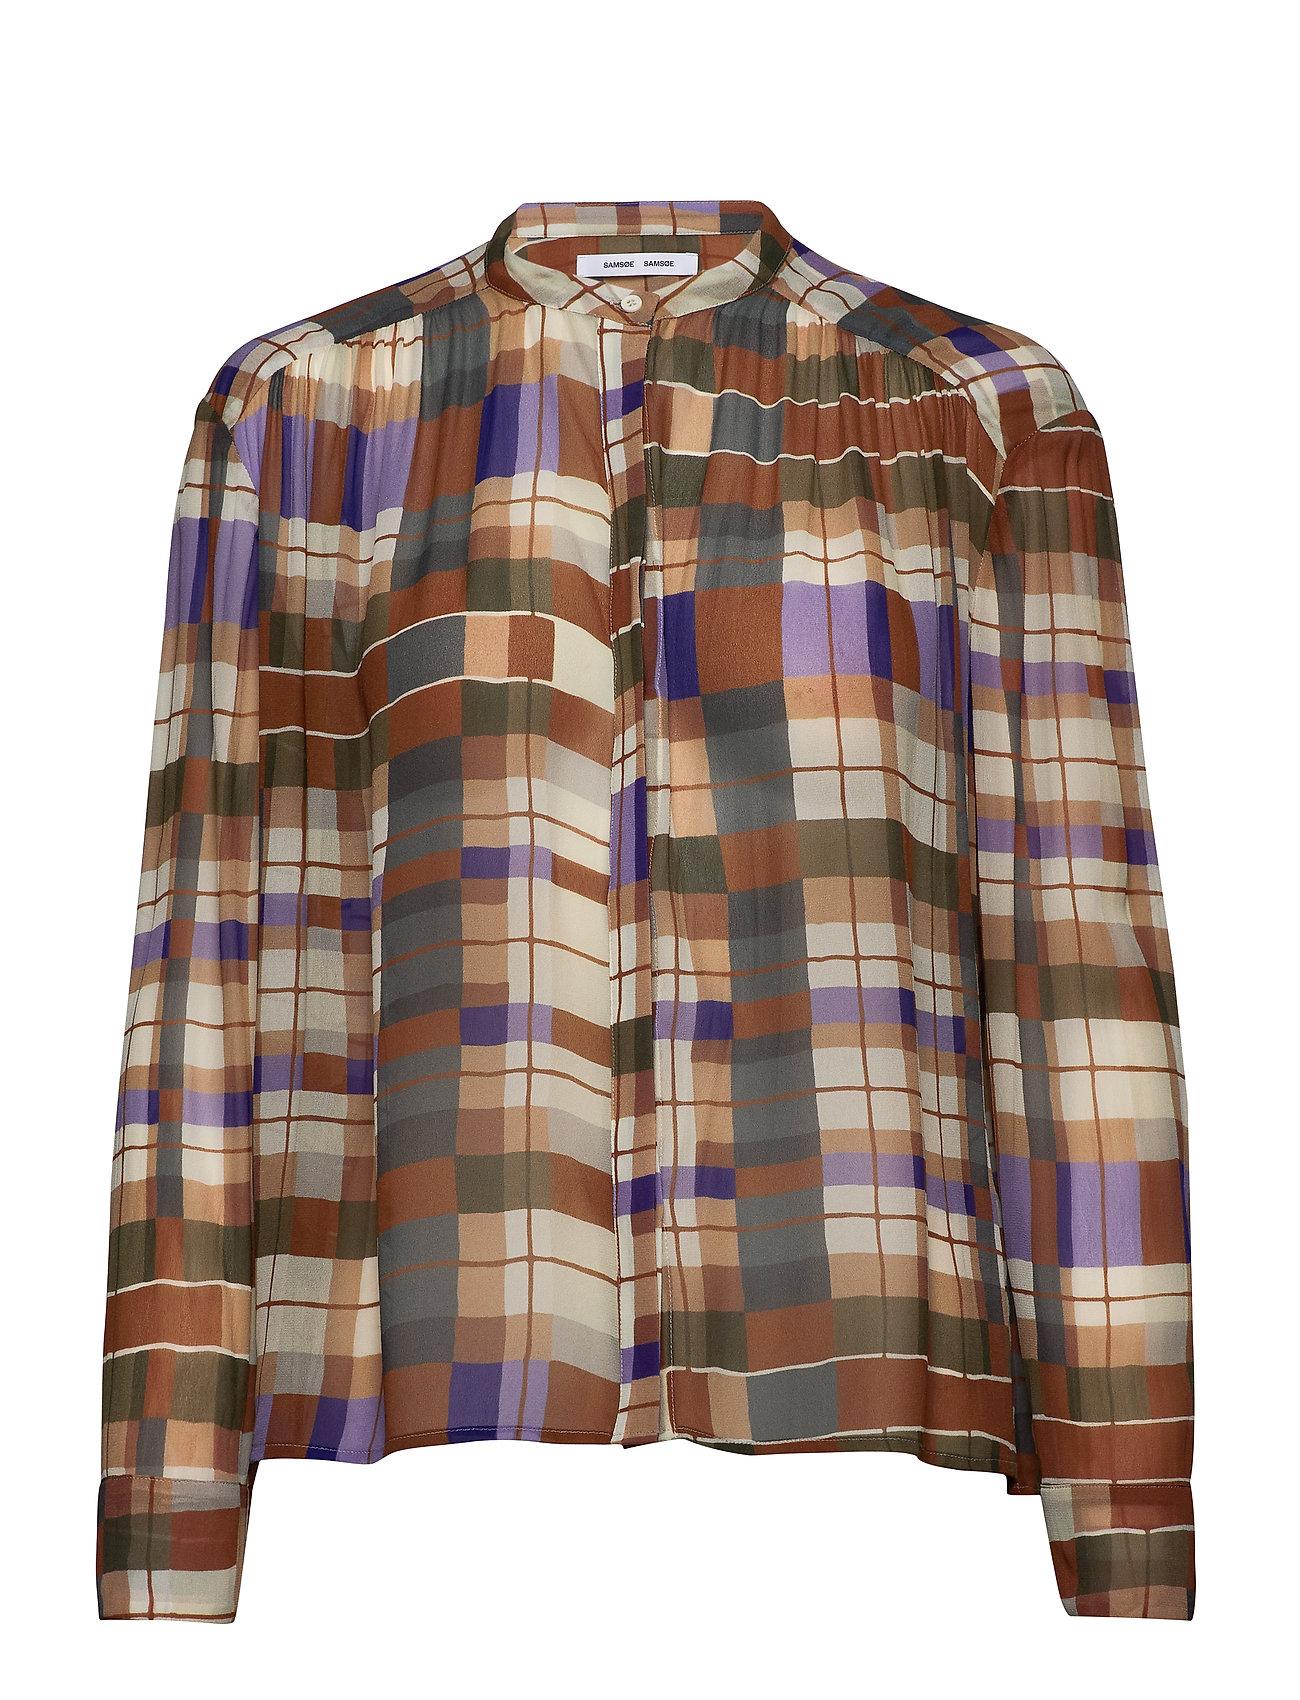 Samsøe Samsøe Elmy shirt aop 9695 - PATCHWORK CHECK